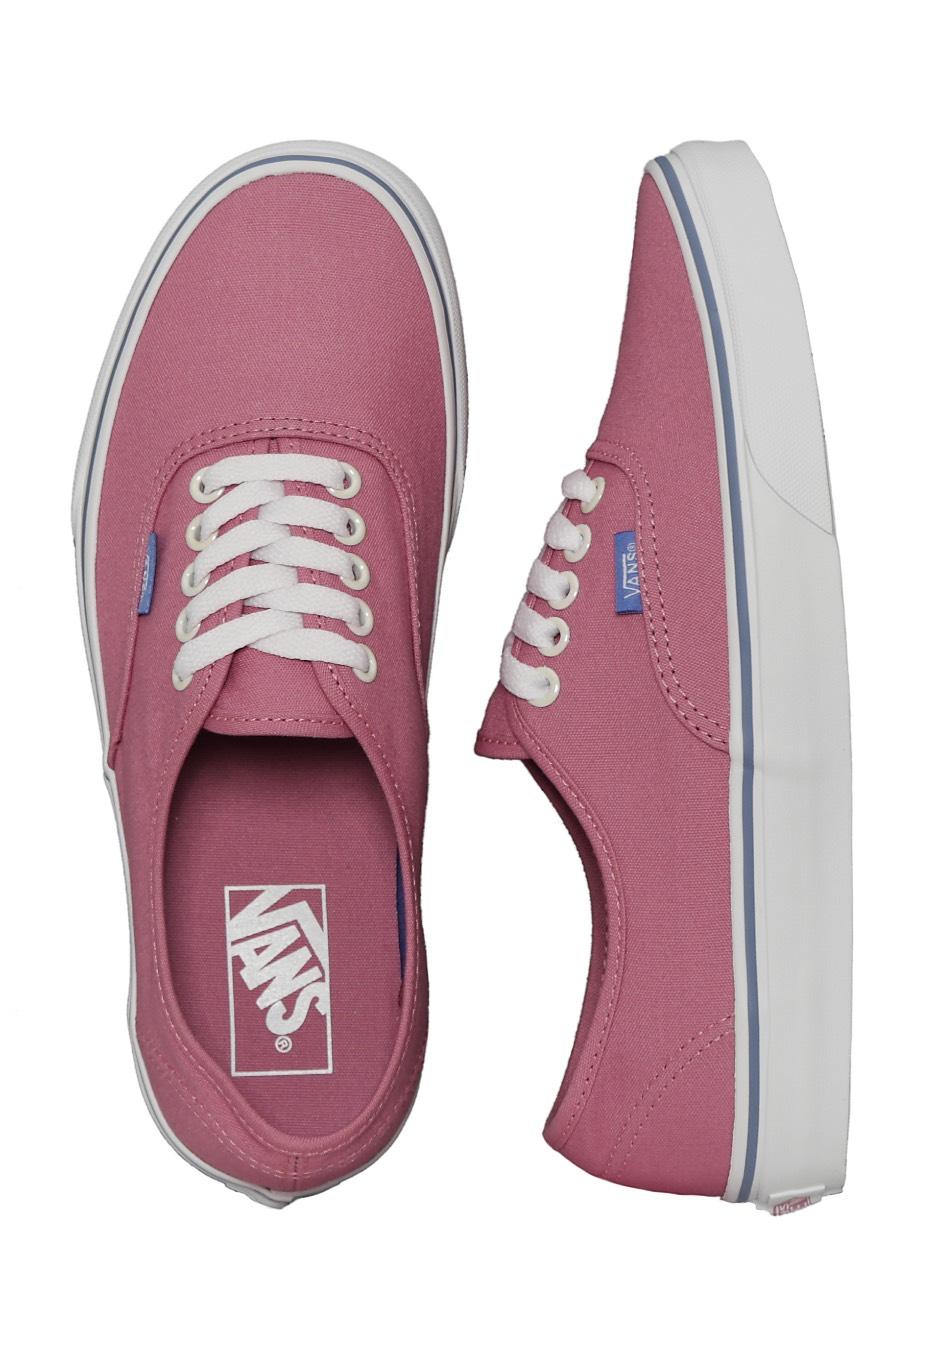 Pink Vans Old Skool Camo